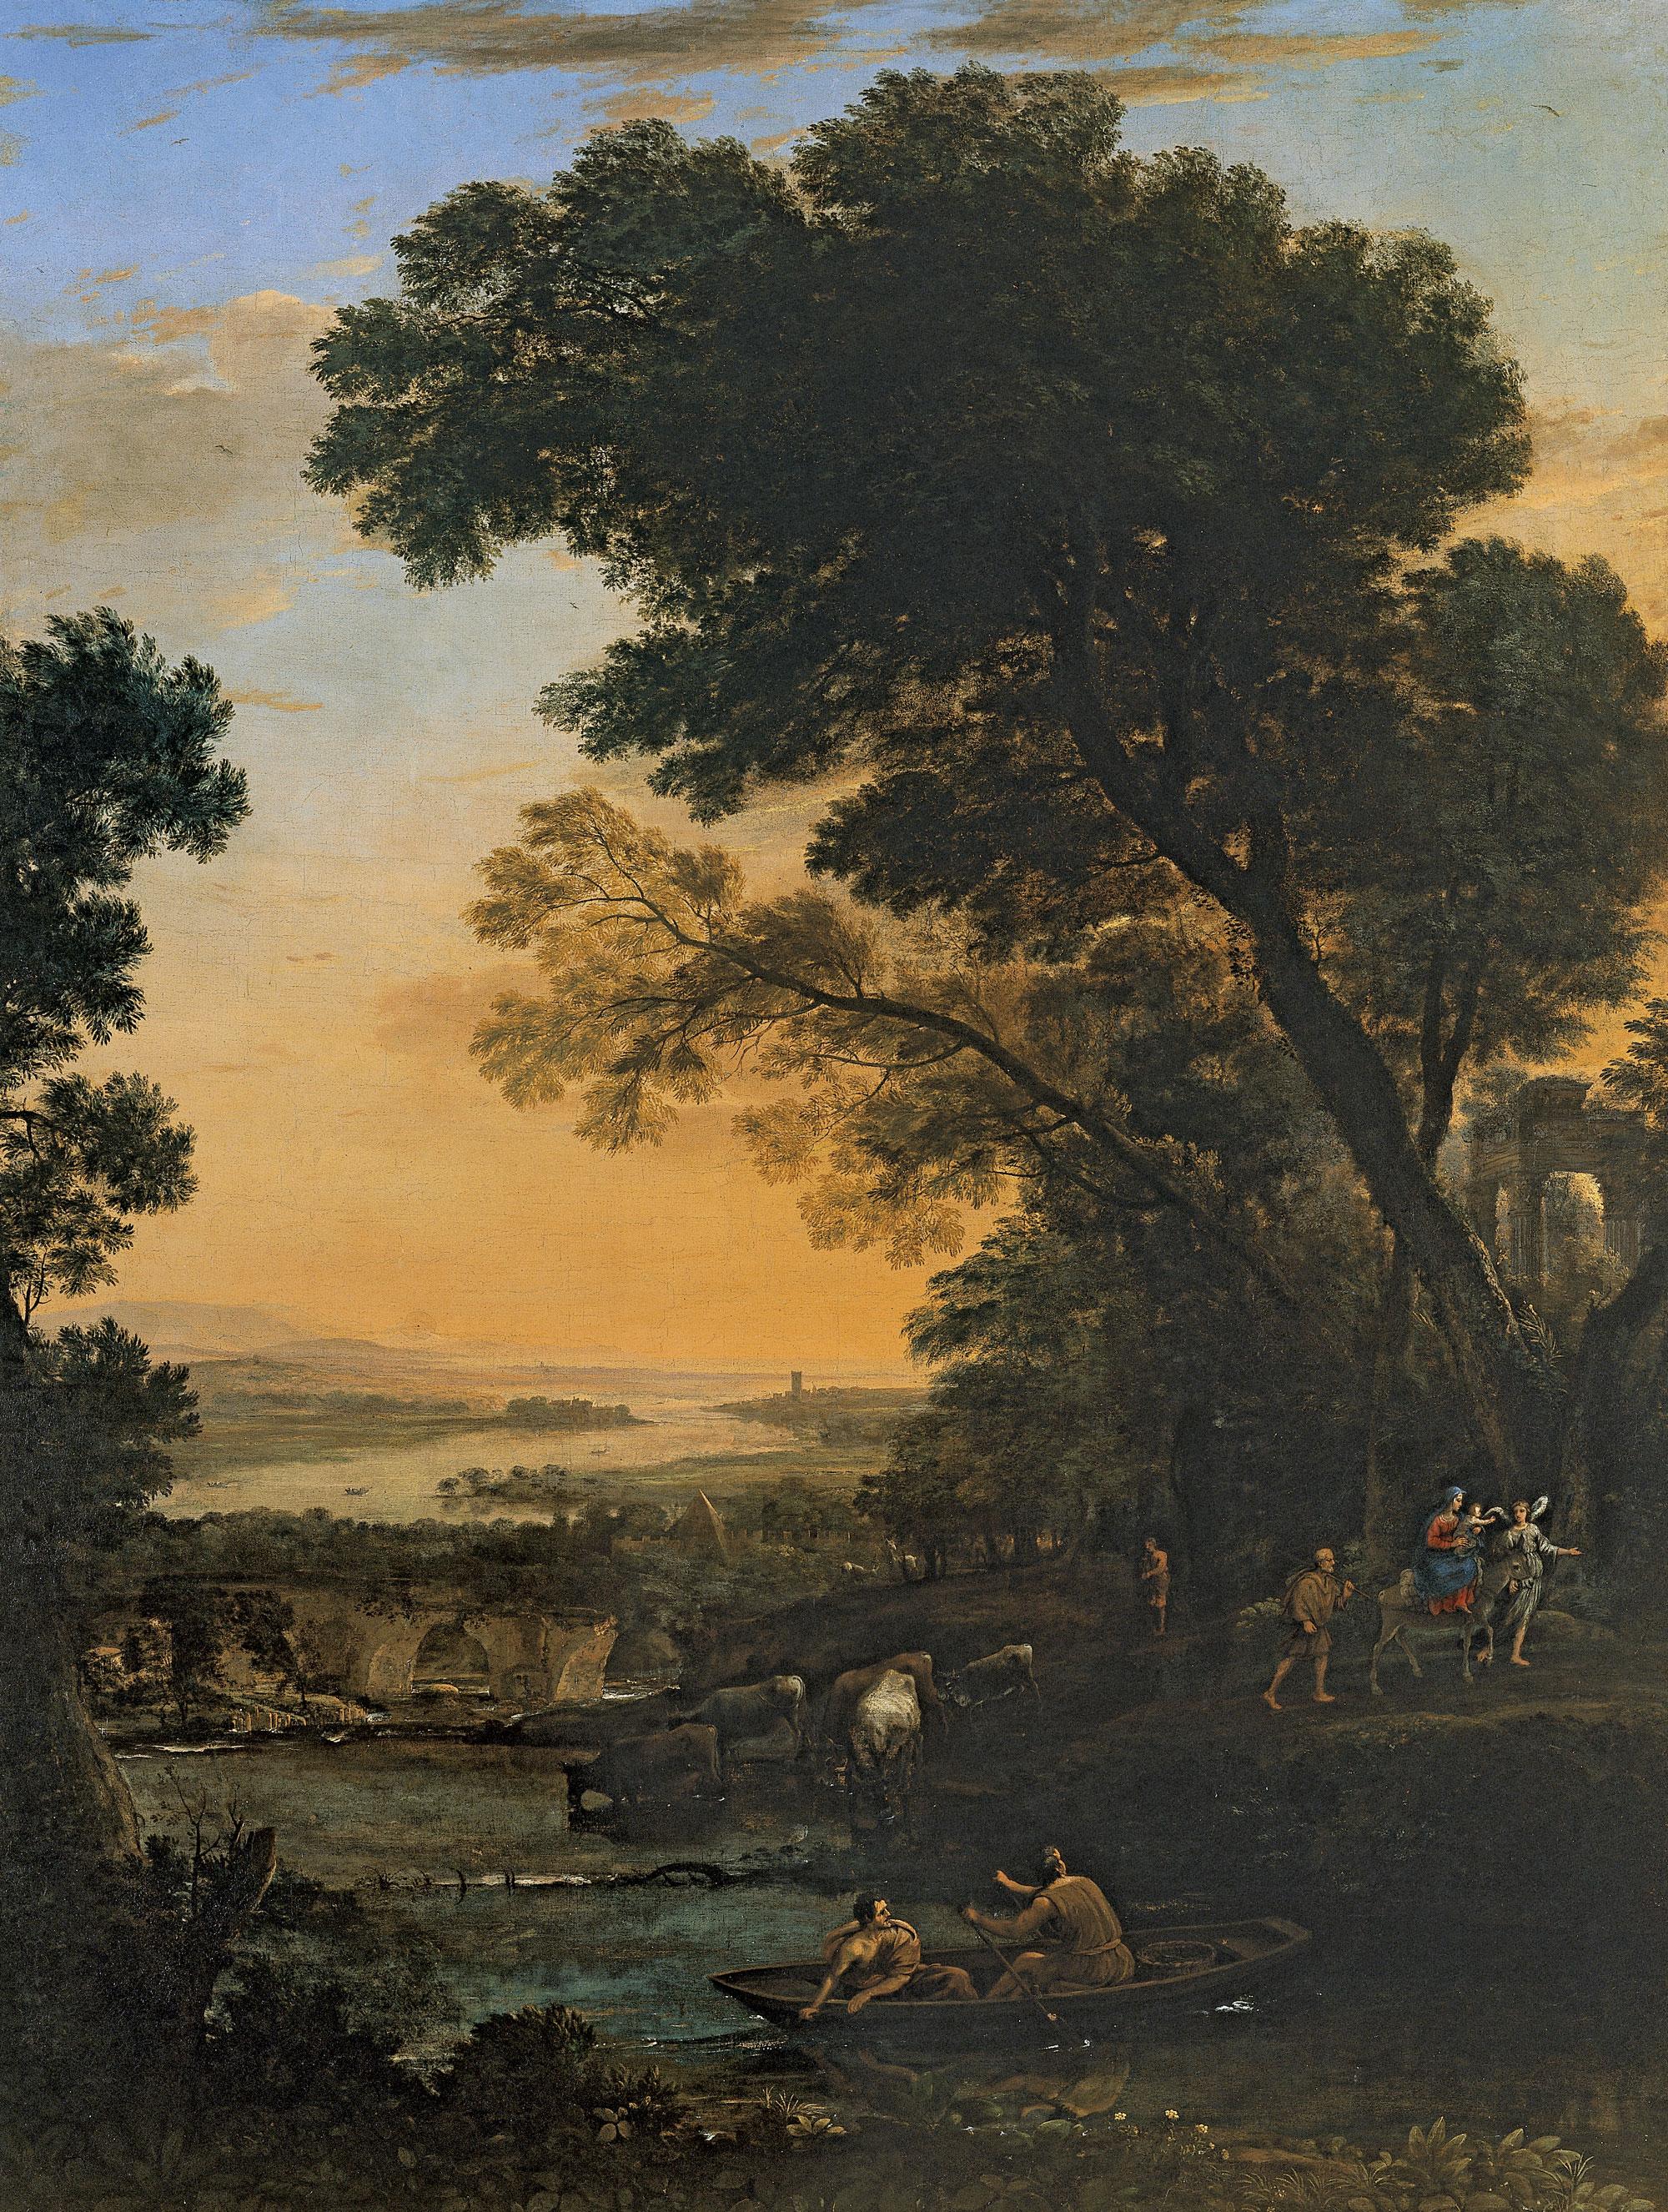 Paysage 2000 en ce qui concerne file:claude lorrain - paysage idyllique avec la fuite en Égypte